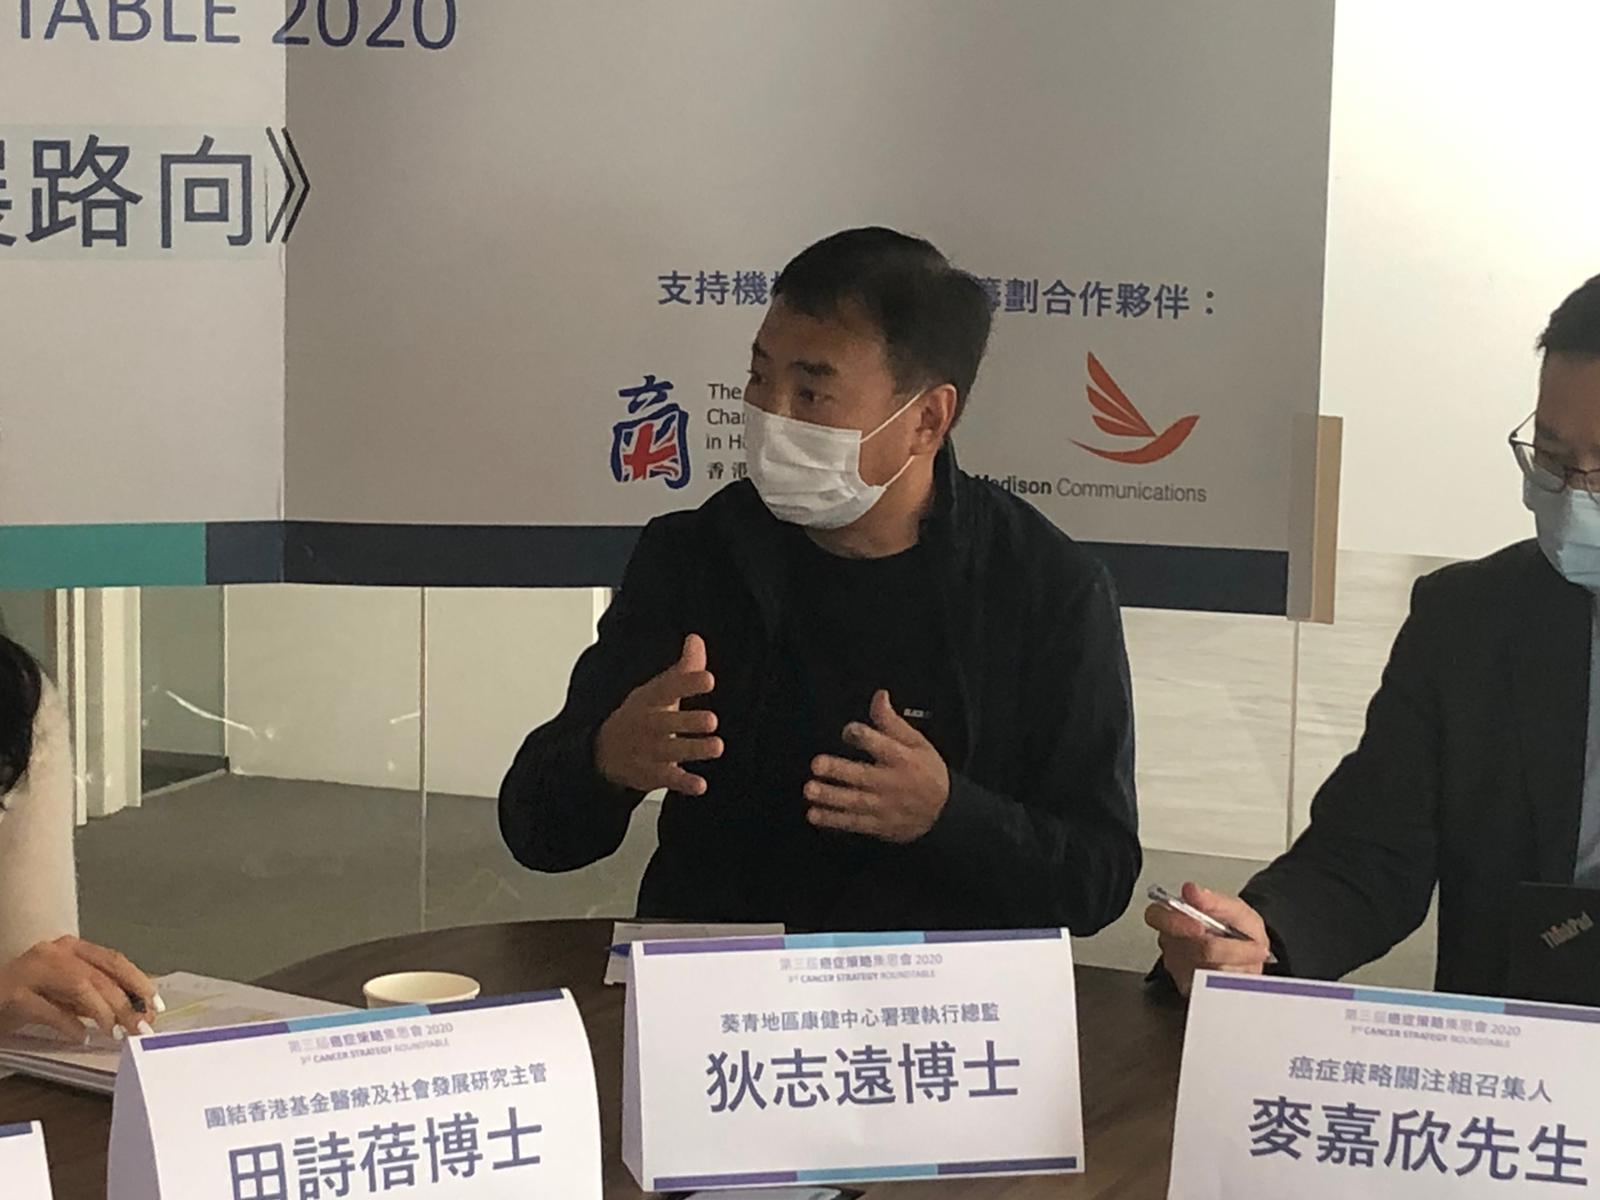 葵青地區康健中心署理執行總監狄志遠博士認為地區康健中心的成功將取決於個案管理系統、社區力量及資訊科技運用三個因素。